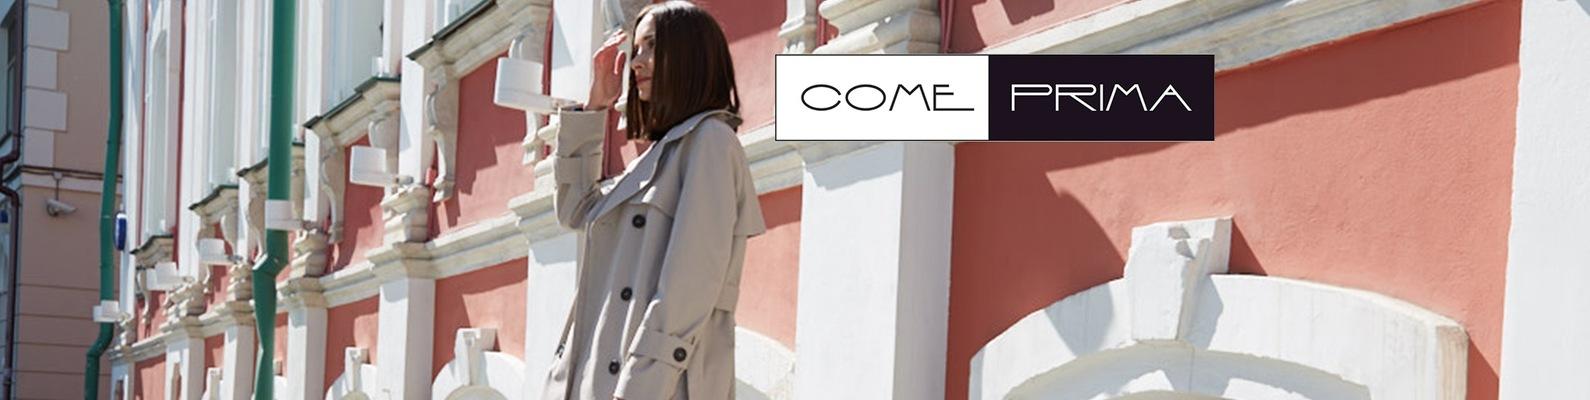 91665db95 Come Prima | Женское пальто от производителя | ВКонтакте